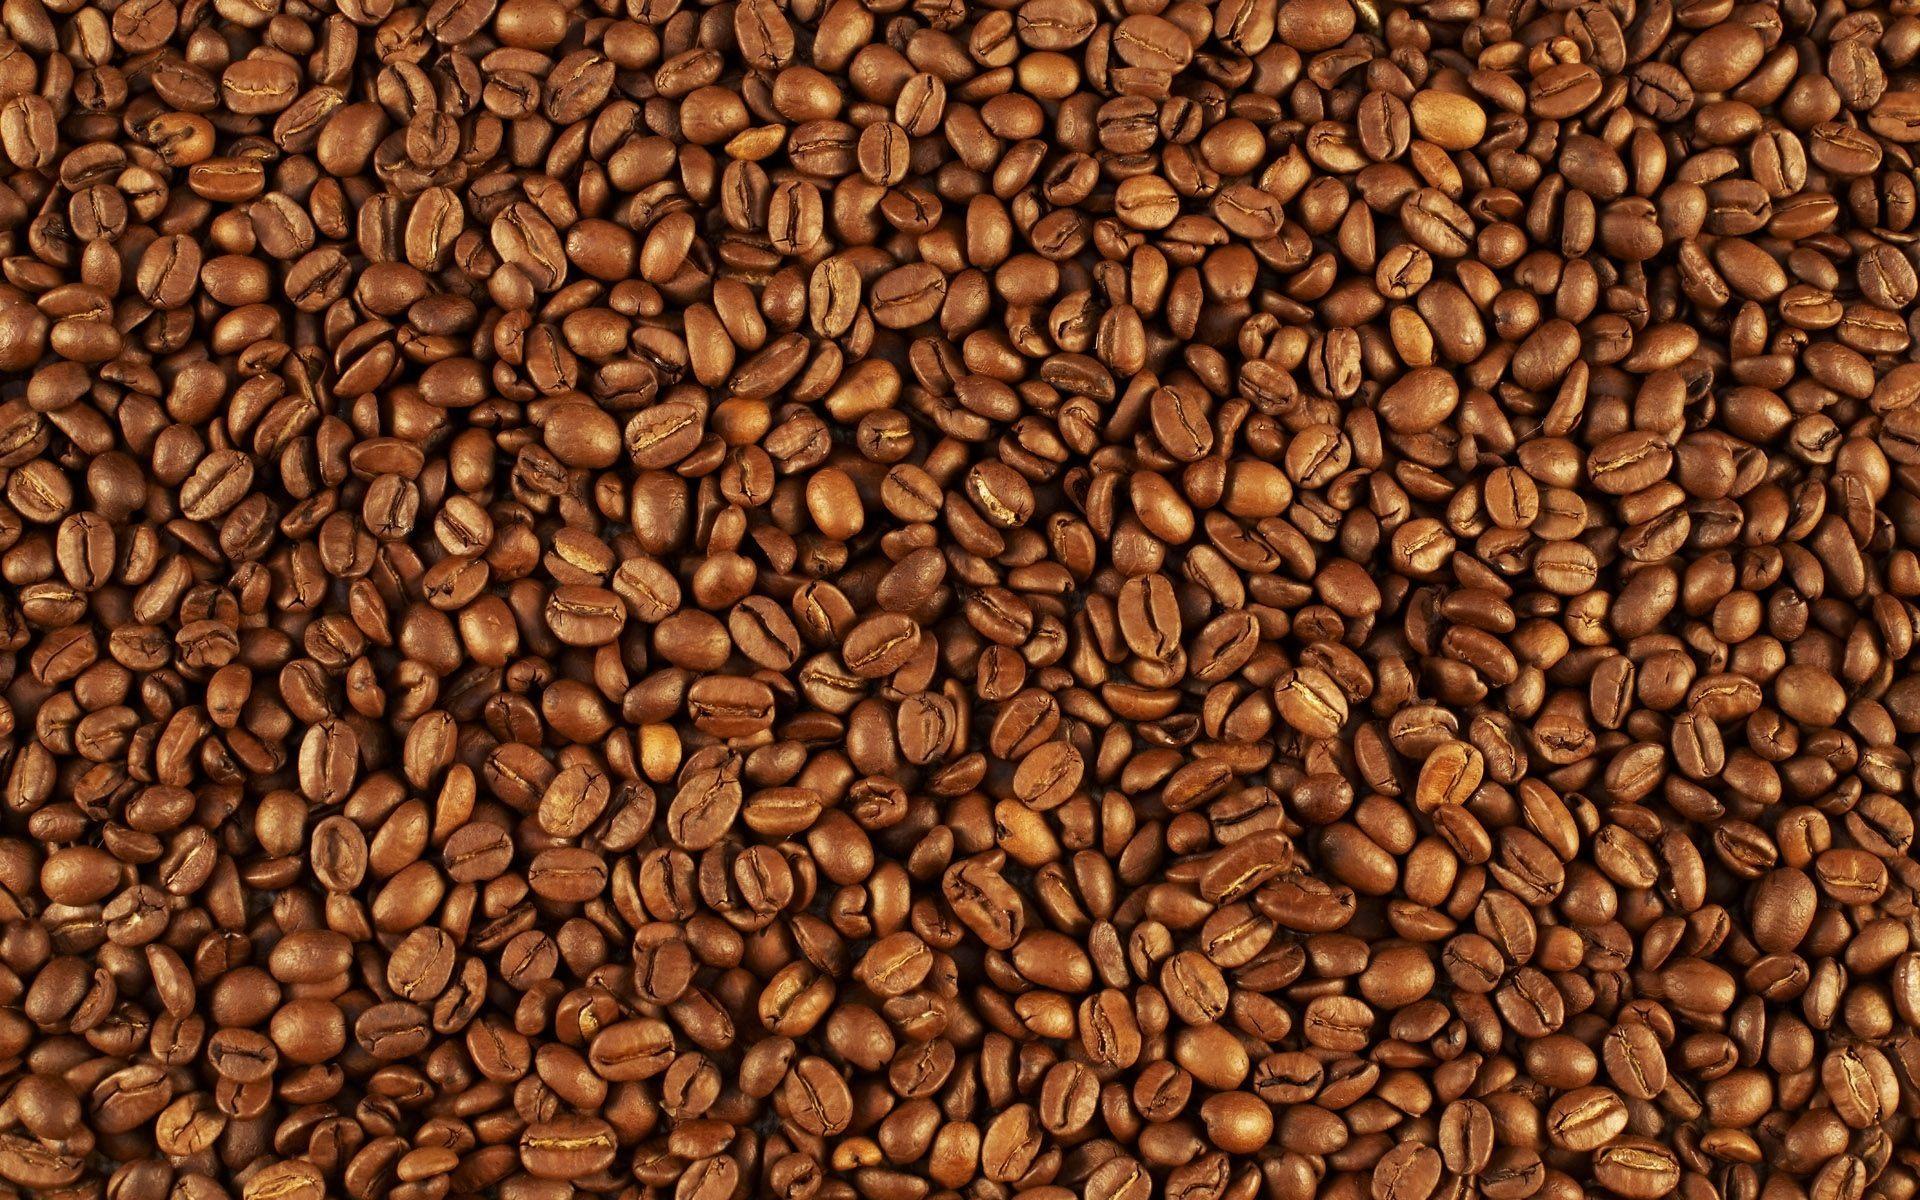 кофейные зерна мешковина ткань  № 3696121 загрузить